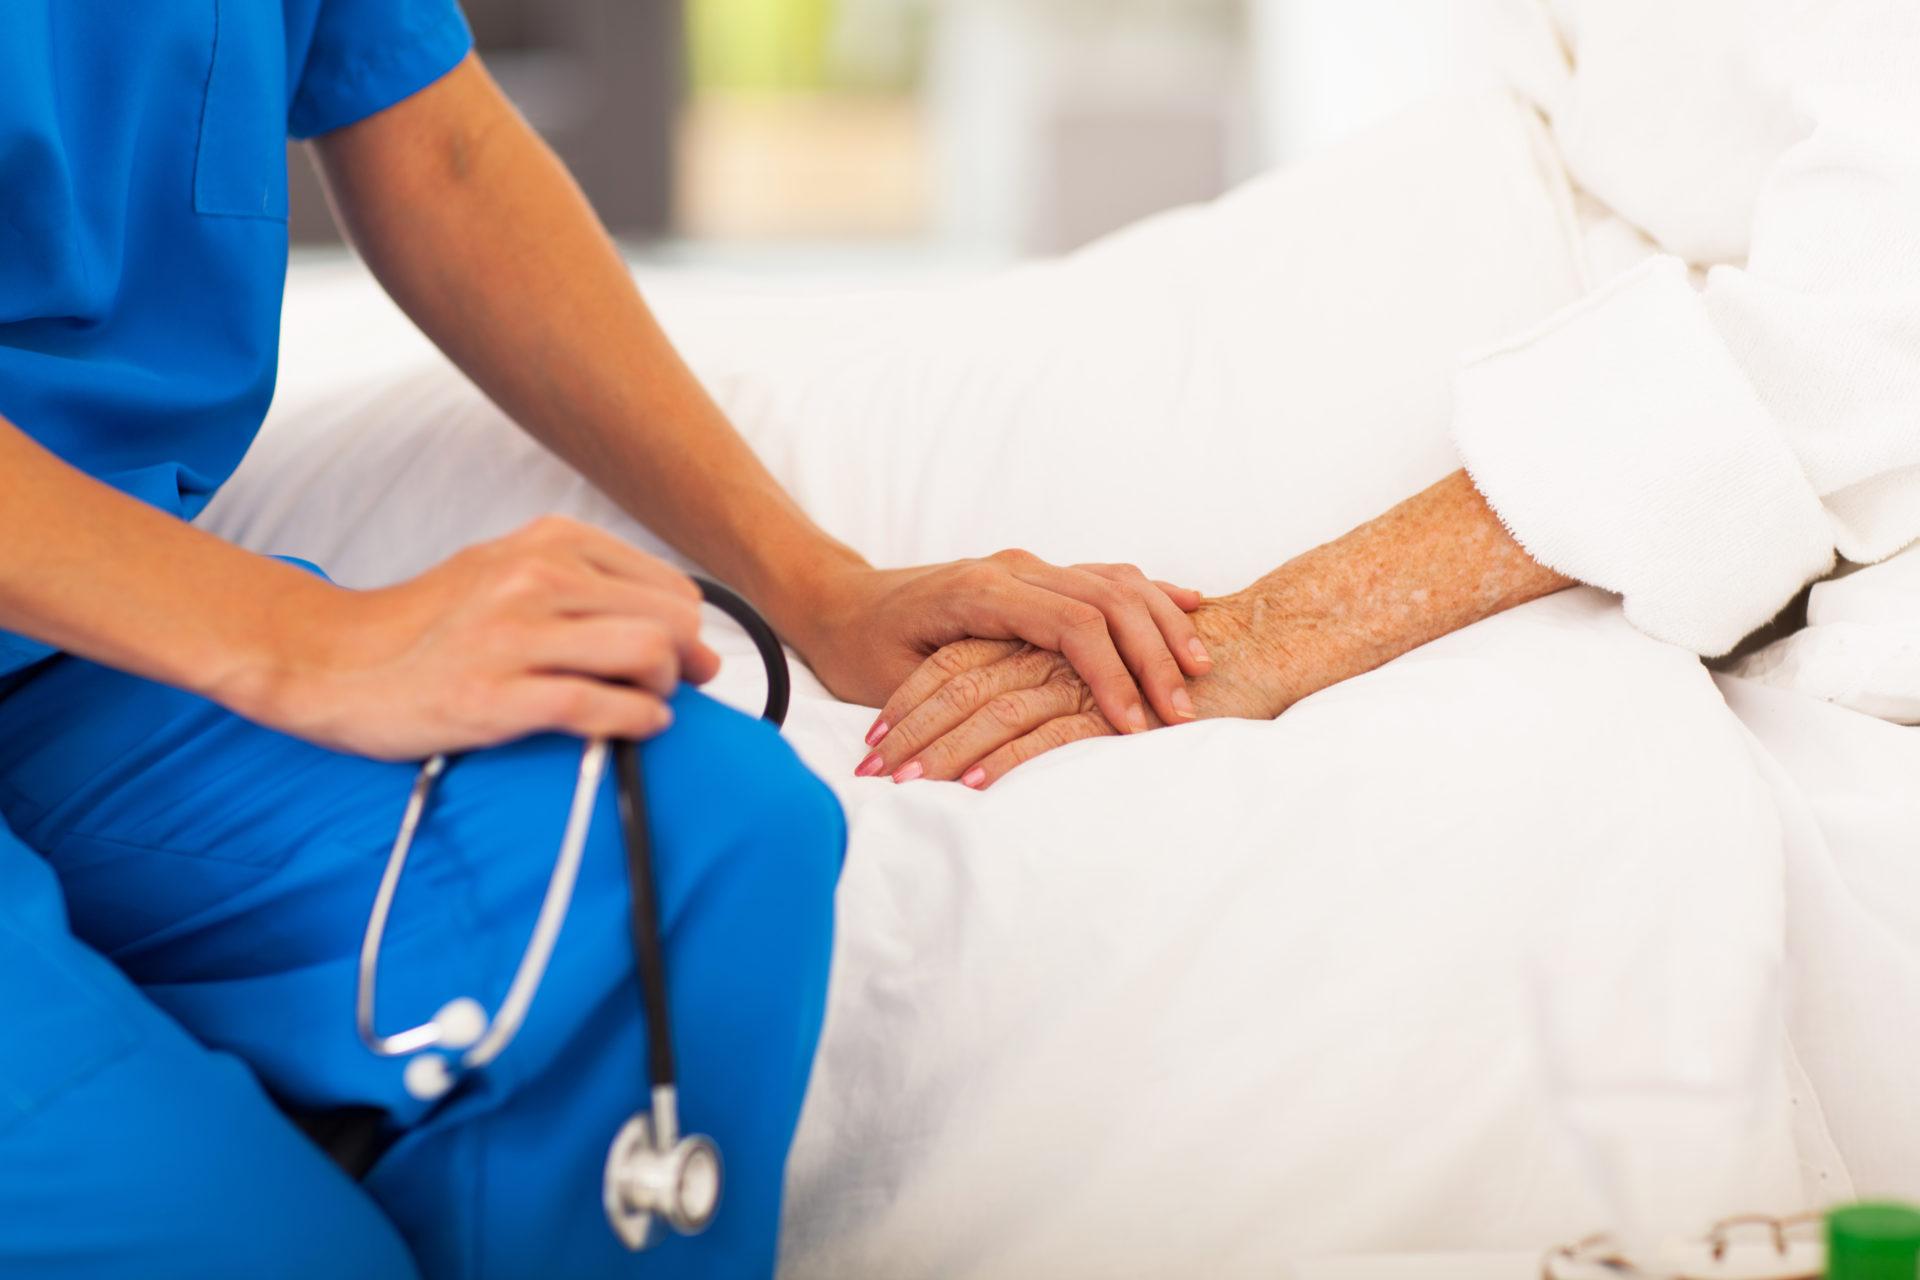 Potilaskokemuksen mittaaminen, potilaskokemus, asiakaskokemus, customer experience